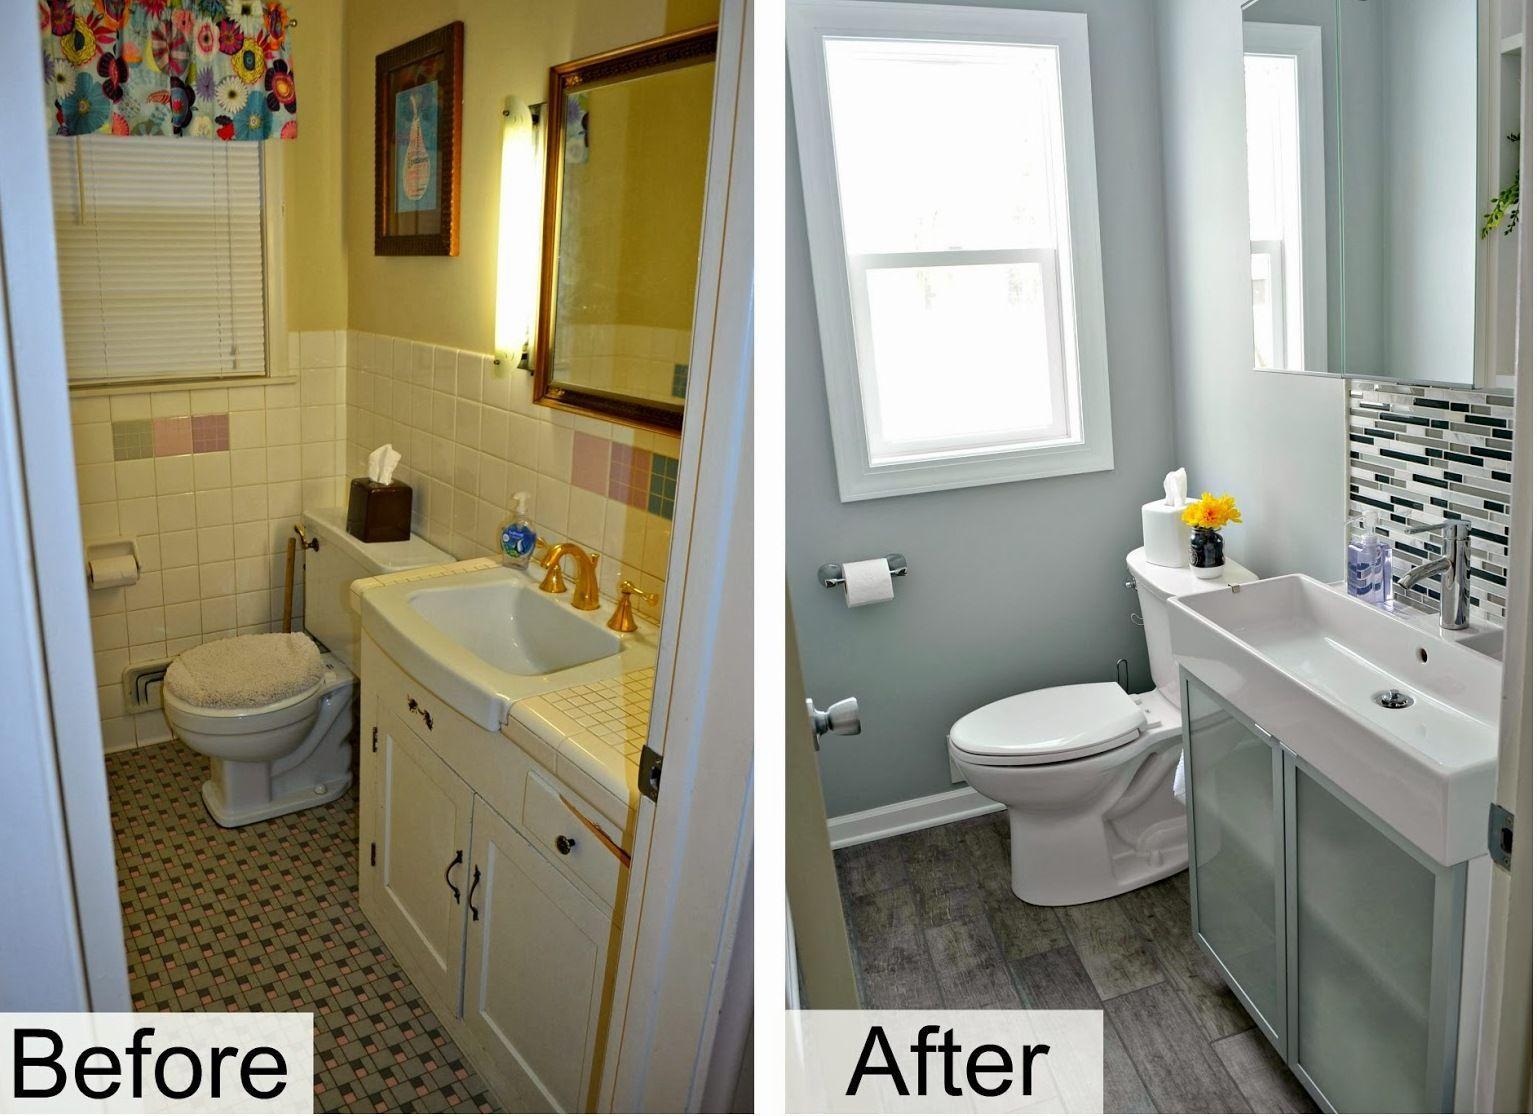 Diy Bathroom Remodel Ideas For Average People Small Bathroom Renovations Cheap Bathroom Remodel Inexpensive Bathroom Remodel